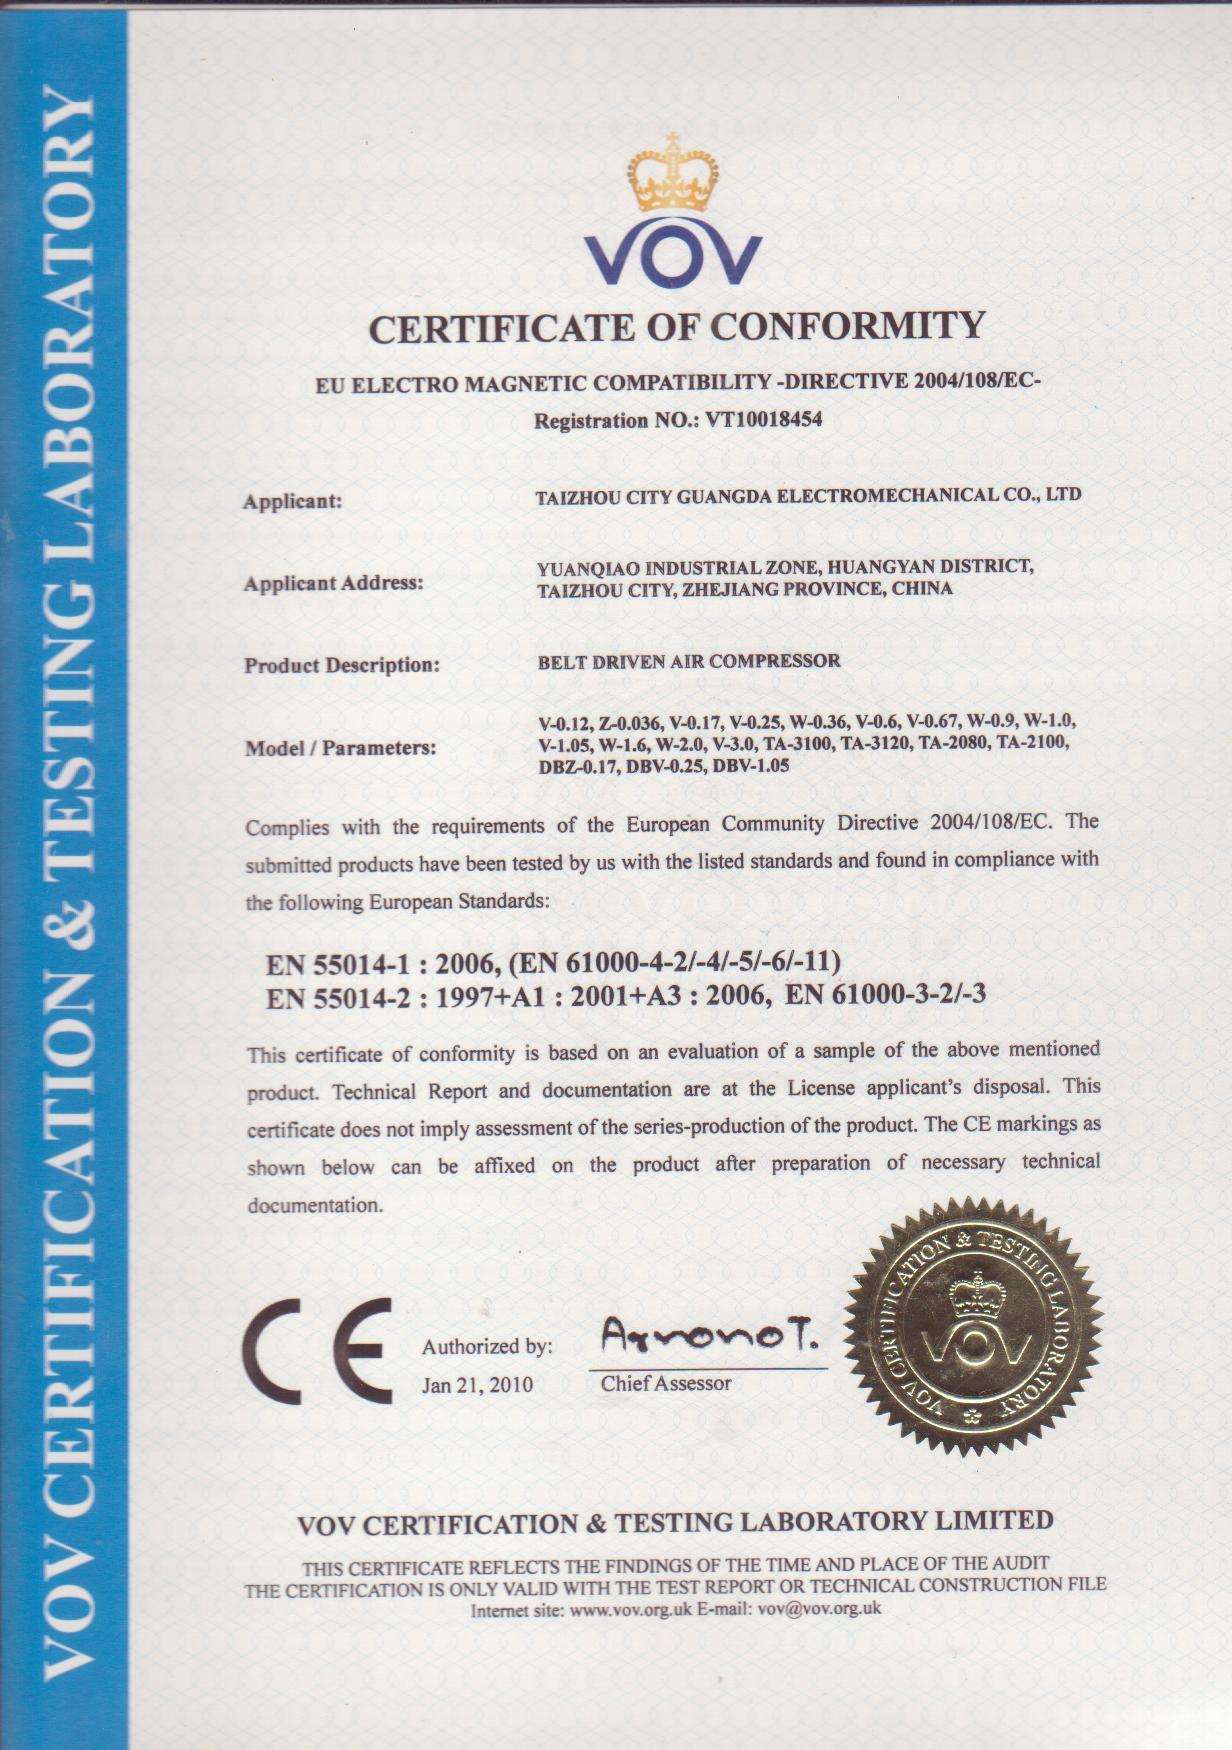 Belt Driven Air Compressor CE Certificate